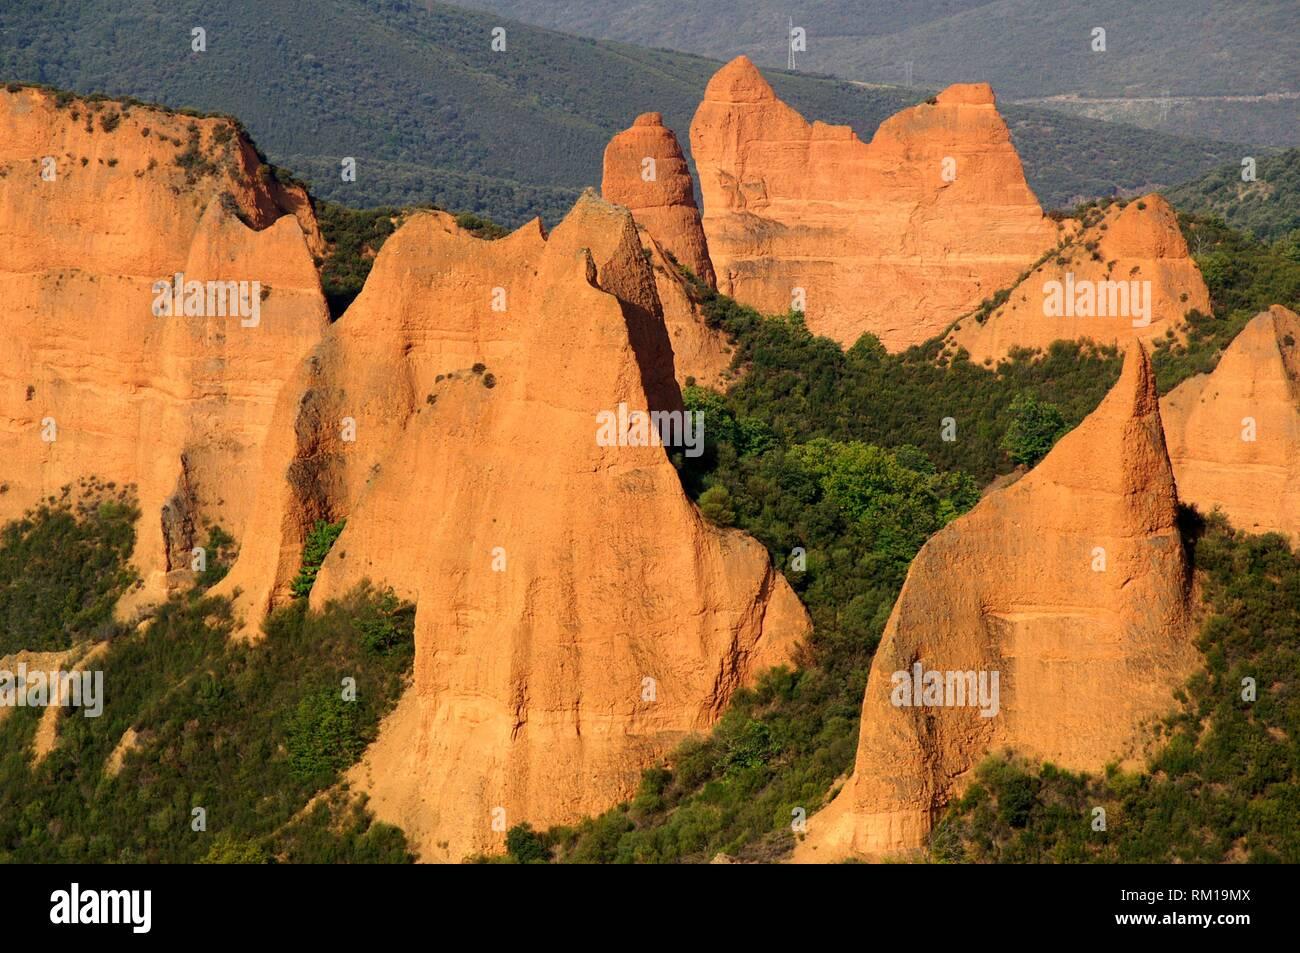 District of El Bierzo (Spain). Vegetation next to the landscape environment of Las Médulas (ancient Roman gold mining). - Stock Image